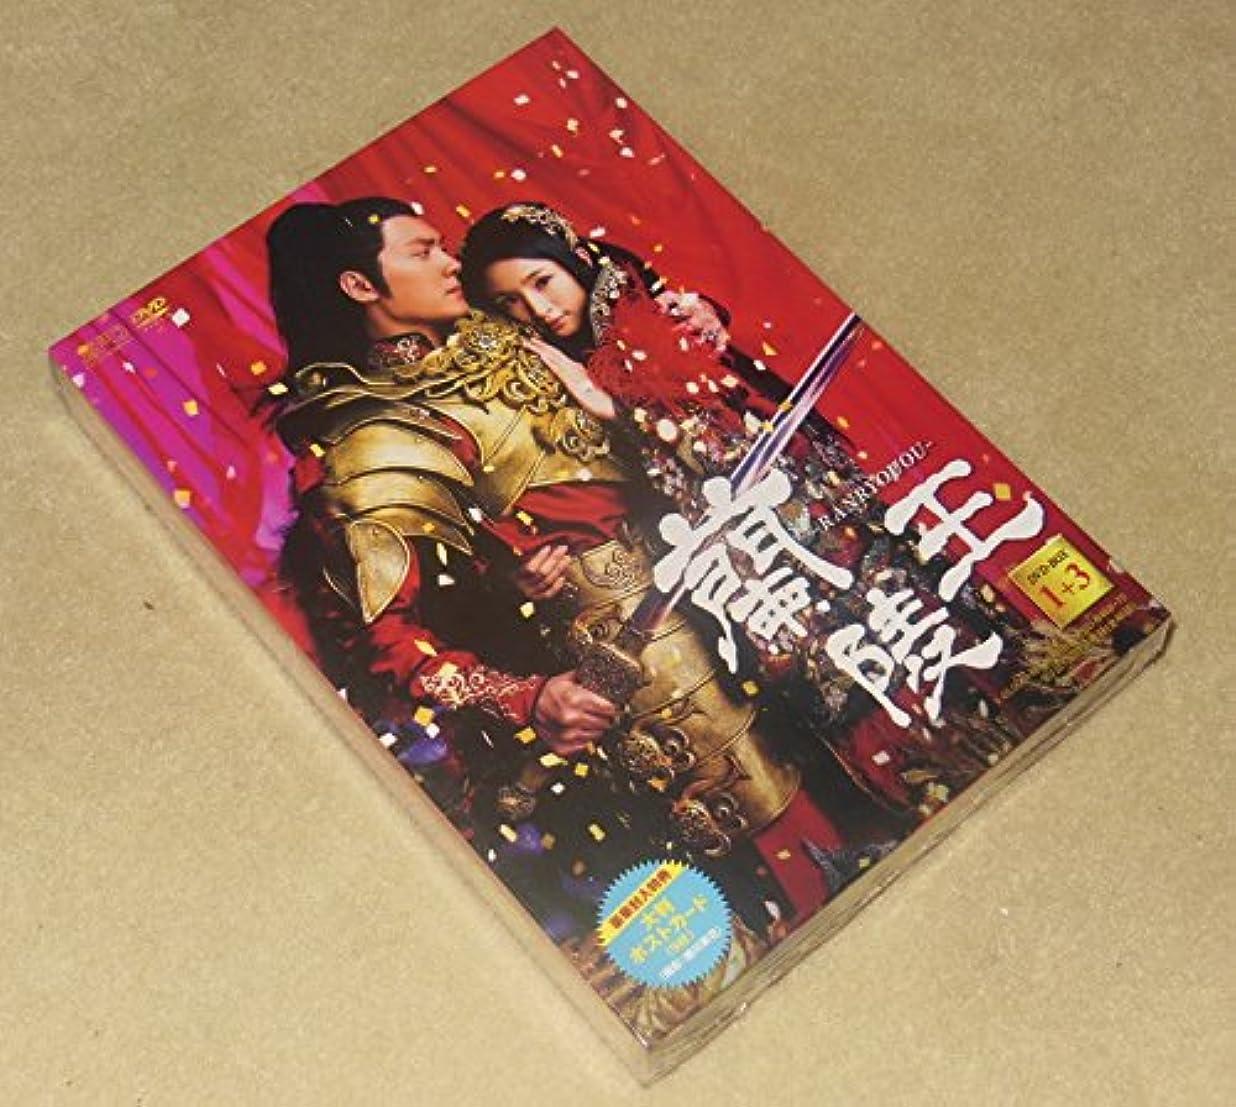 落胆する予報挨拶蘭陵王 DVD-BOX1+3 16枚組